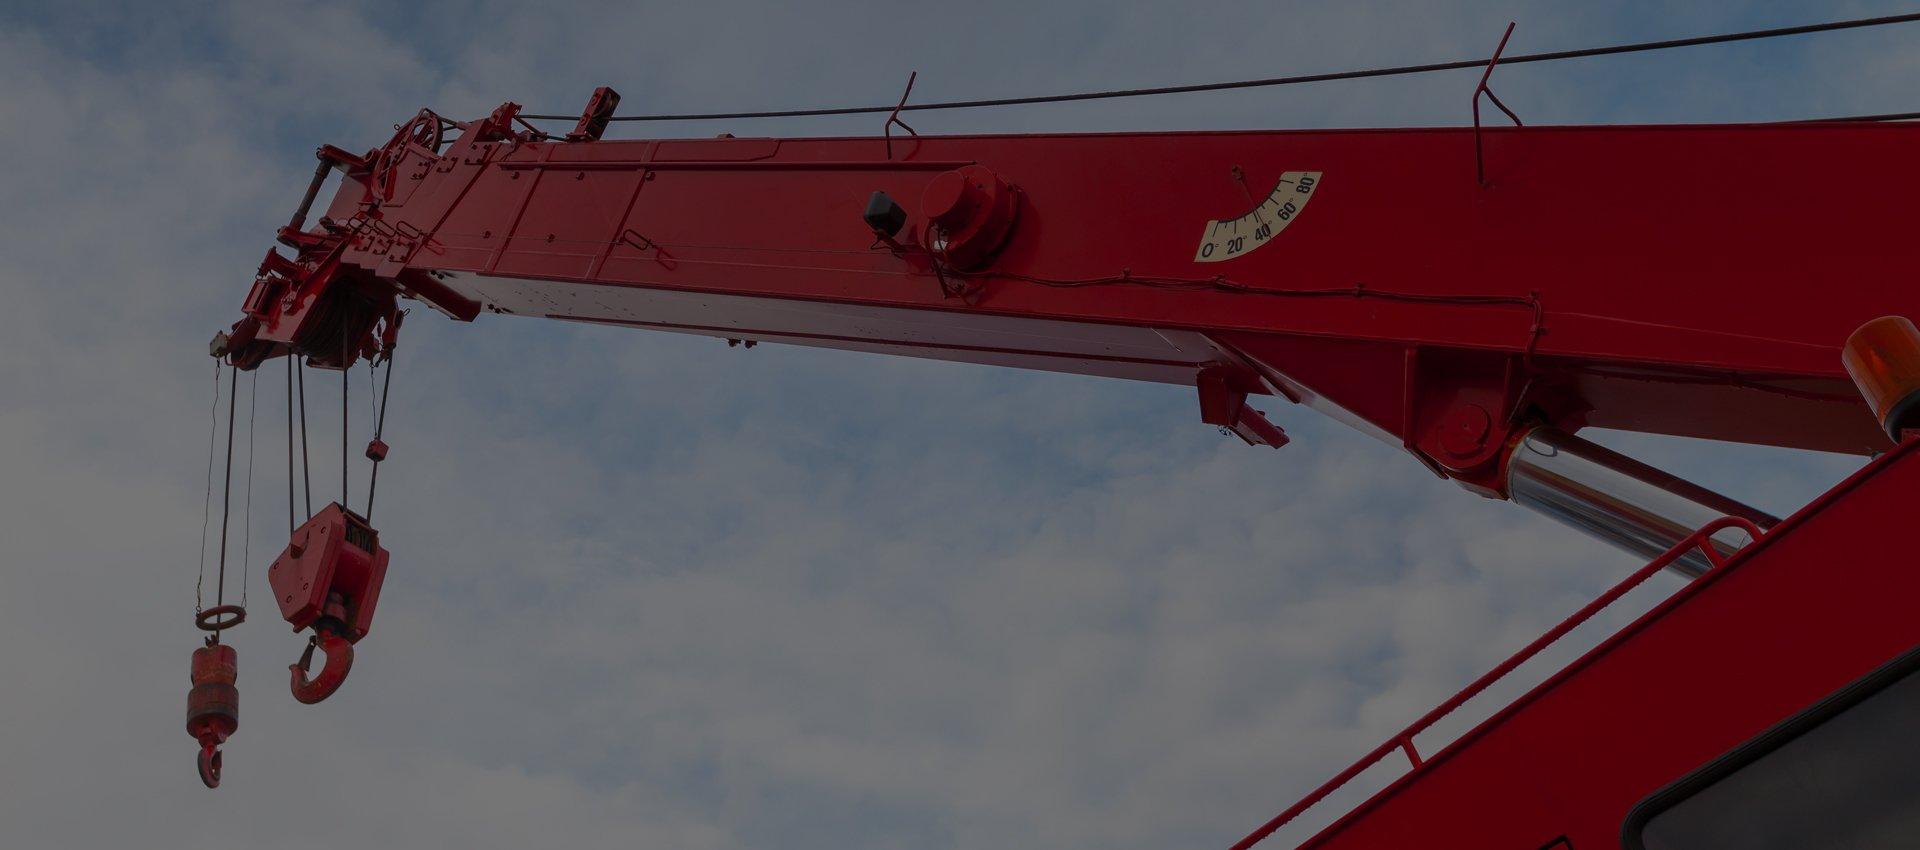 A red crane